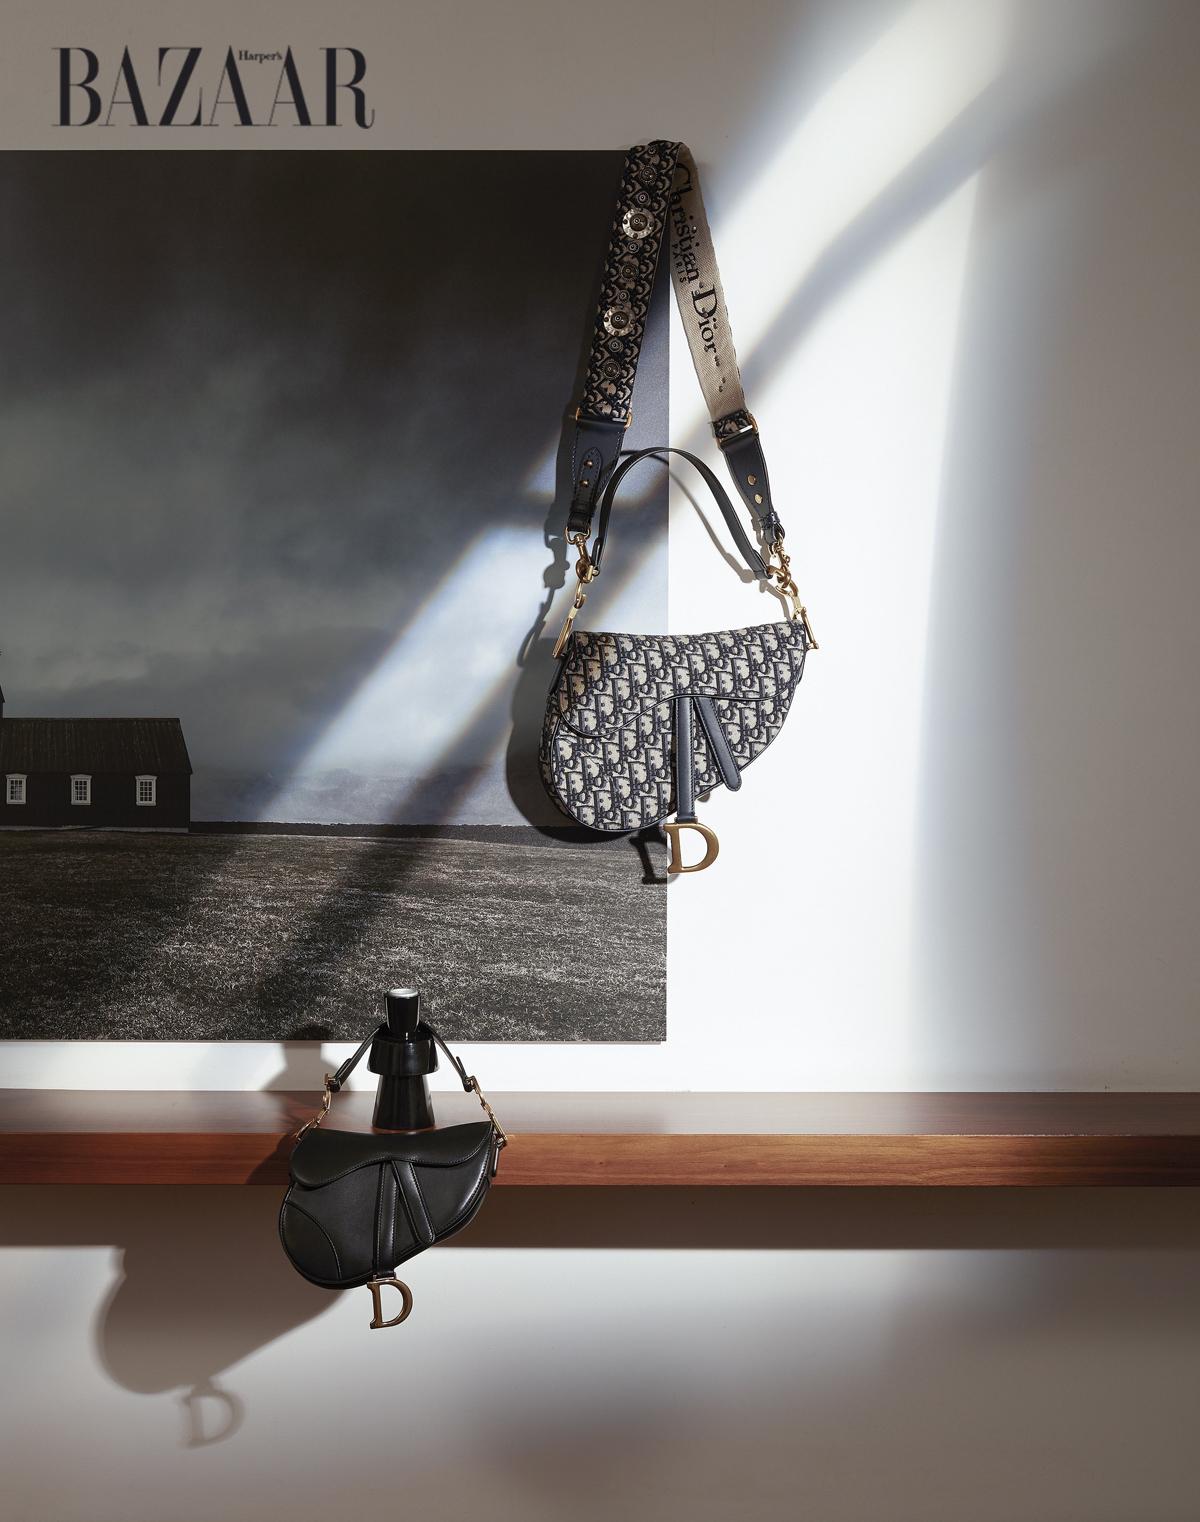 """Túi xách saddle chất liệu da và canvas, chữ """"d"""" mạ vàng tạo điểm nhấn nổi bật, Dior"""